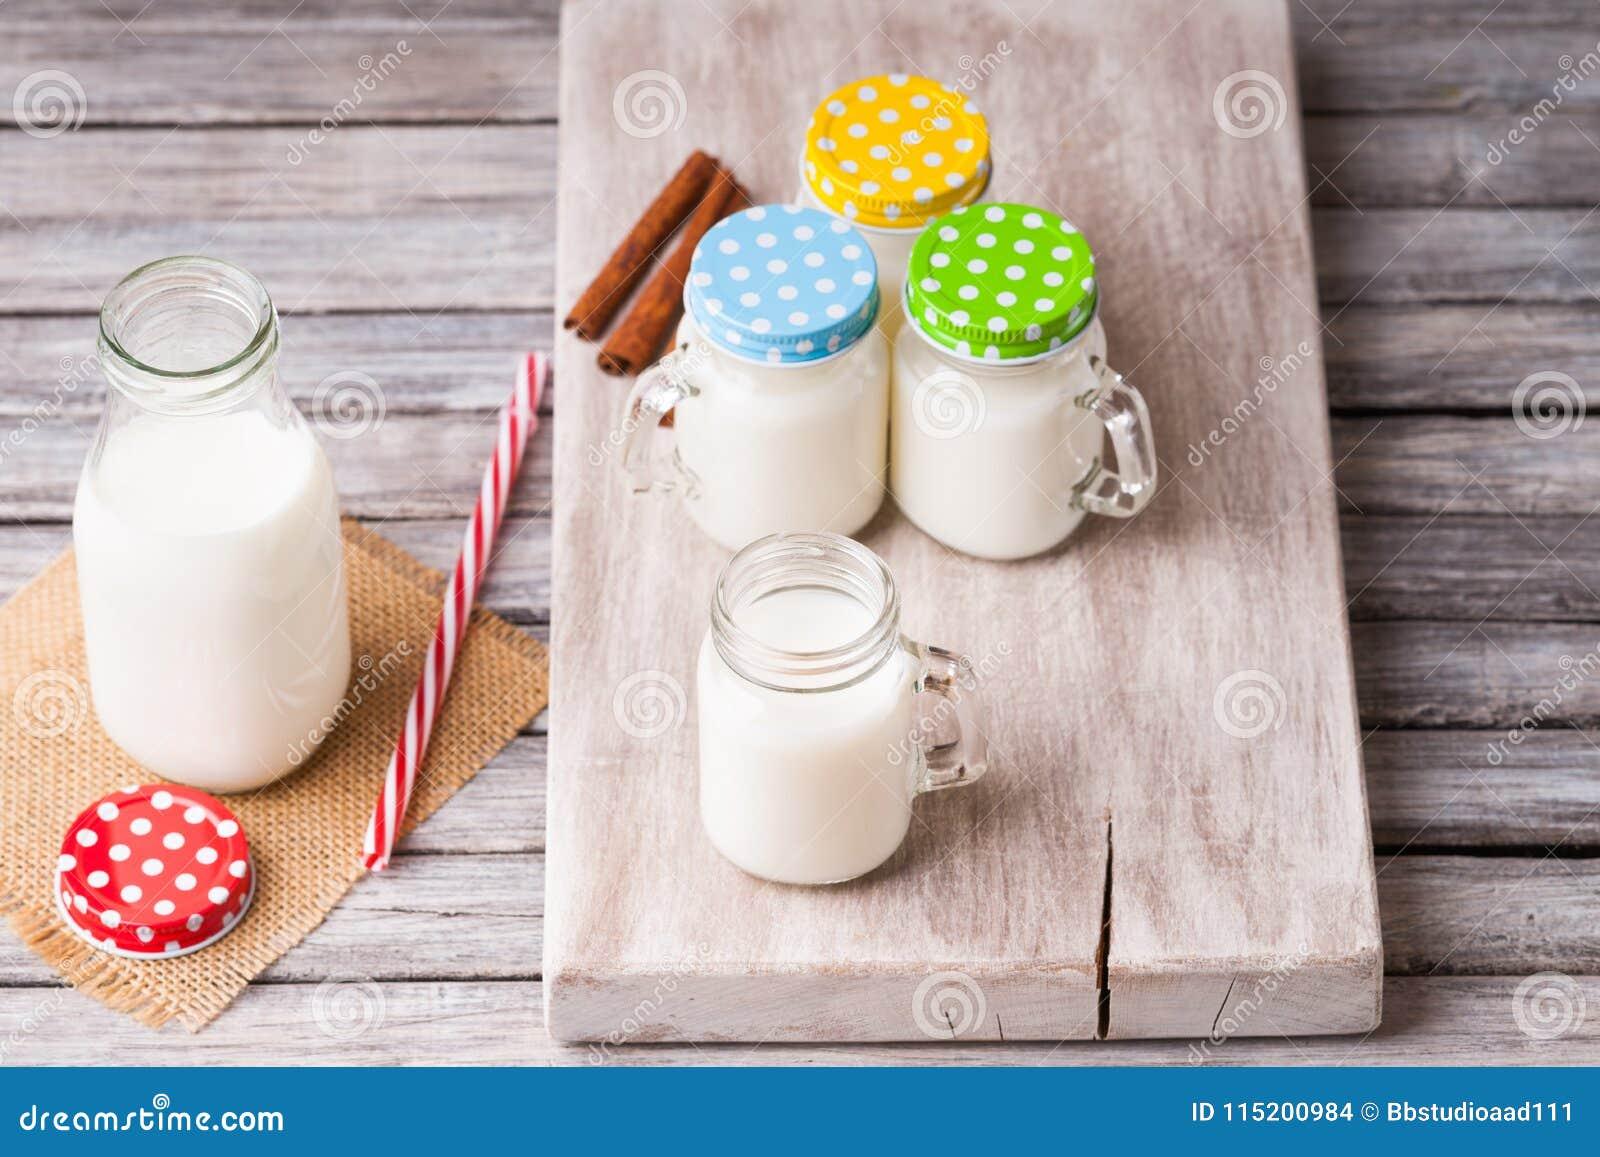 Ordenhe frascos com tampões coloridos em uma placa de corte, em uma canela e em uma palha bebendo